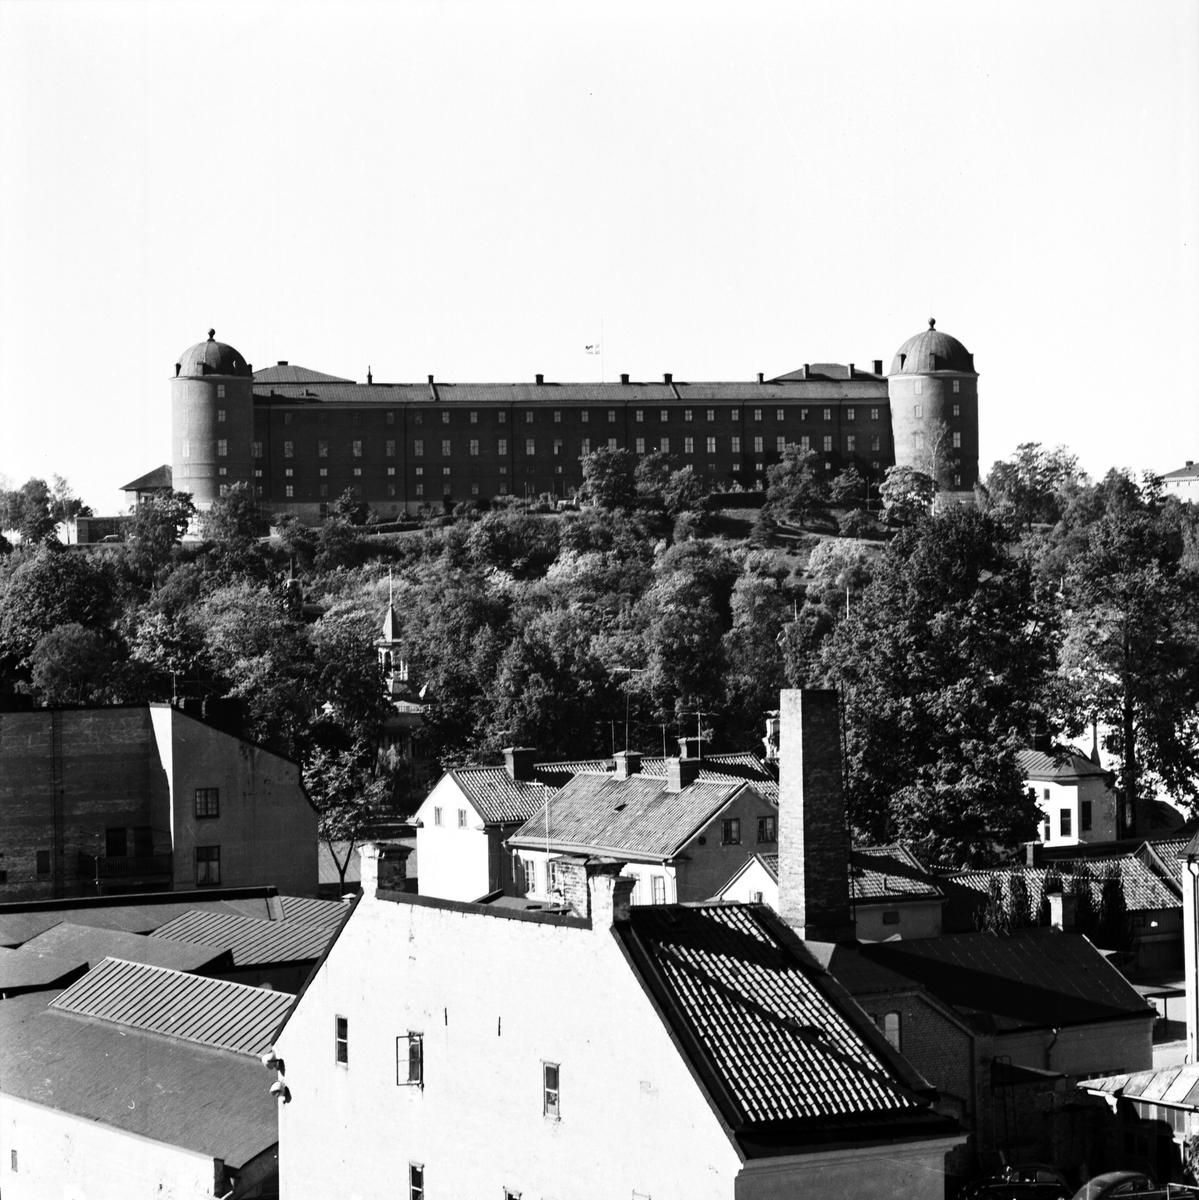 Dag Hammarskjöld, Uppsala i sorg, september 1961